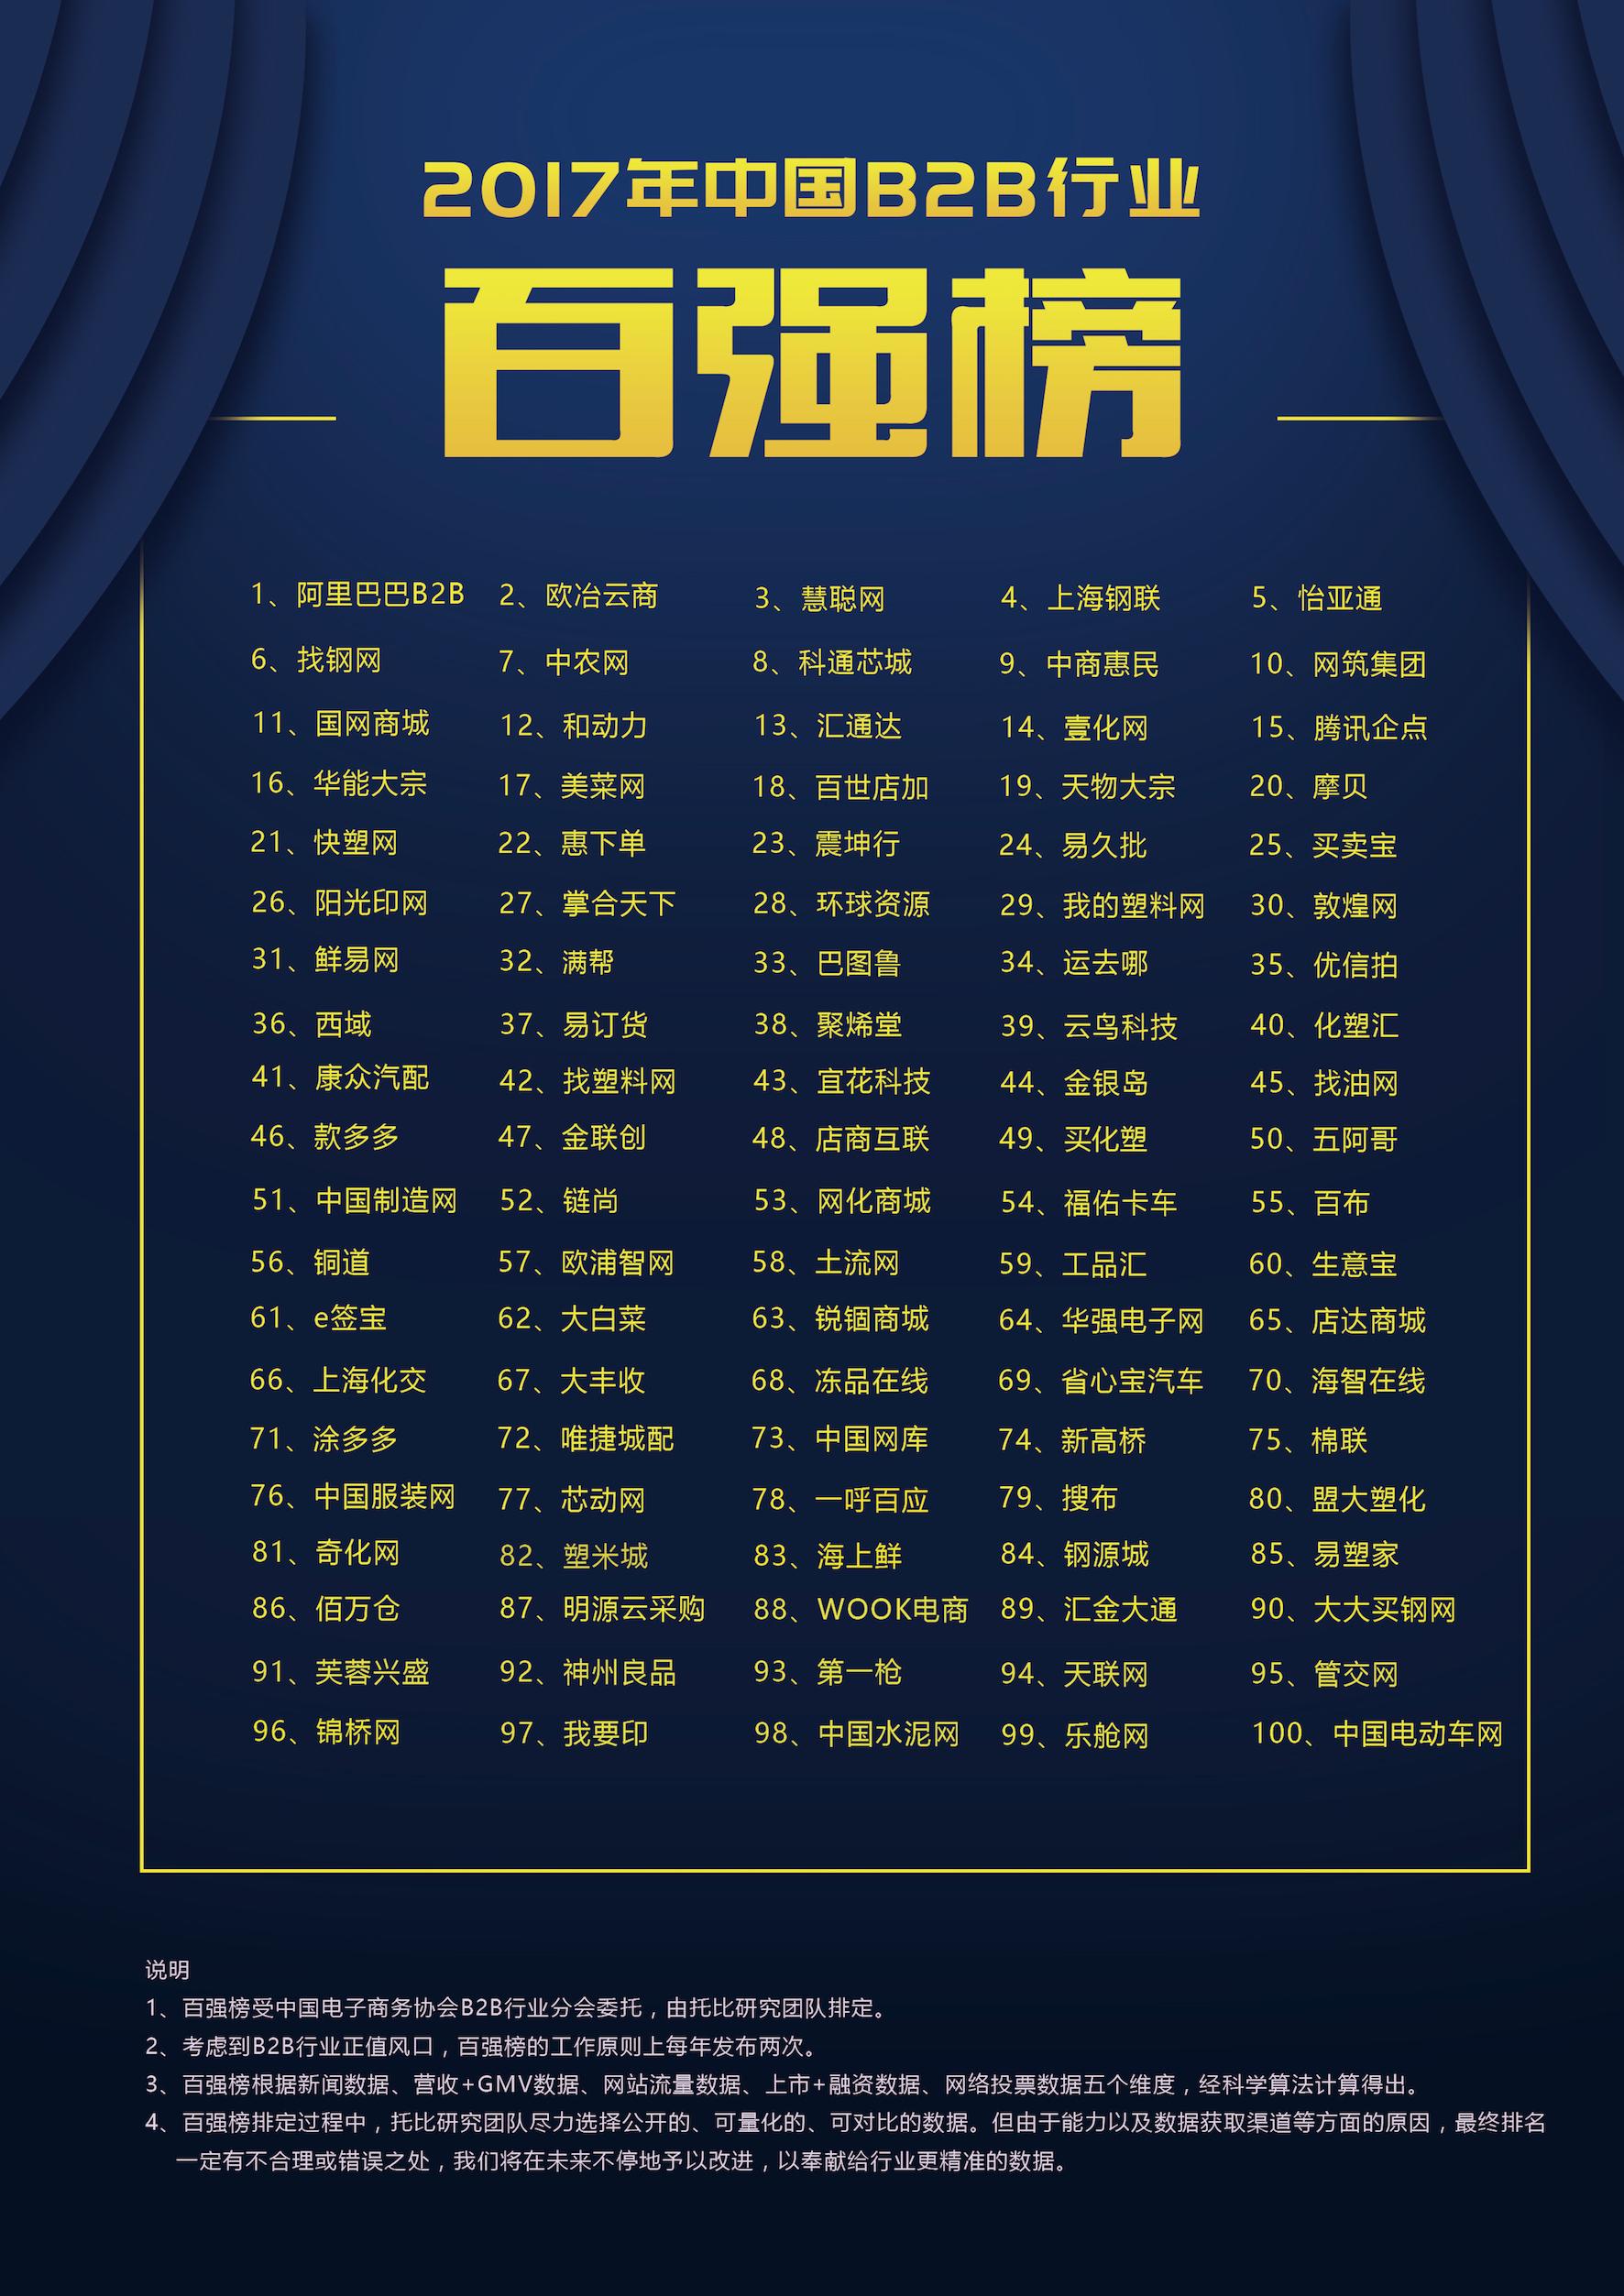 2017中国B2B行业百强榜